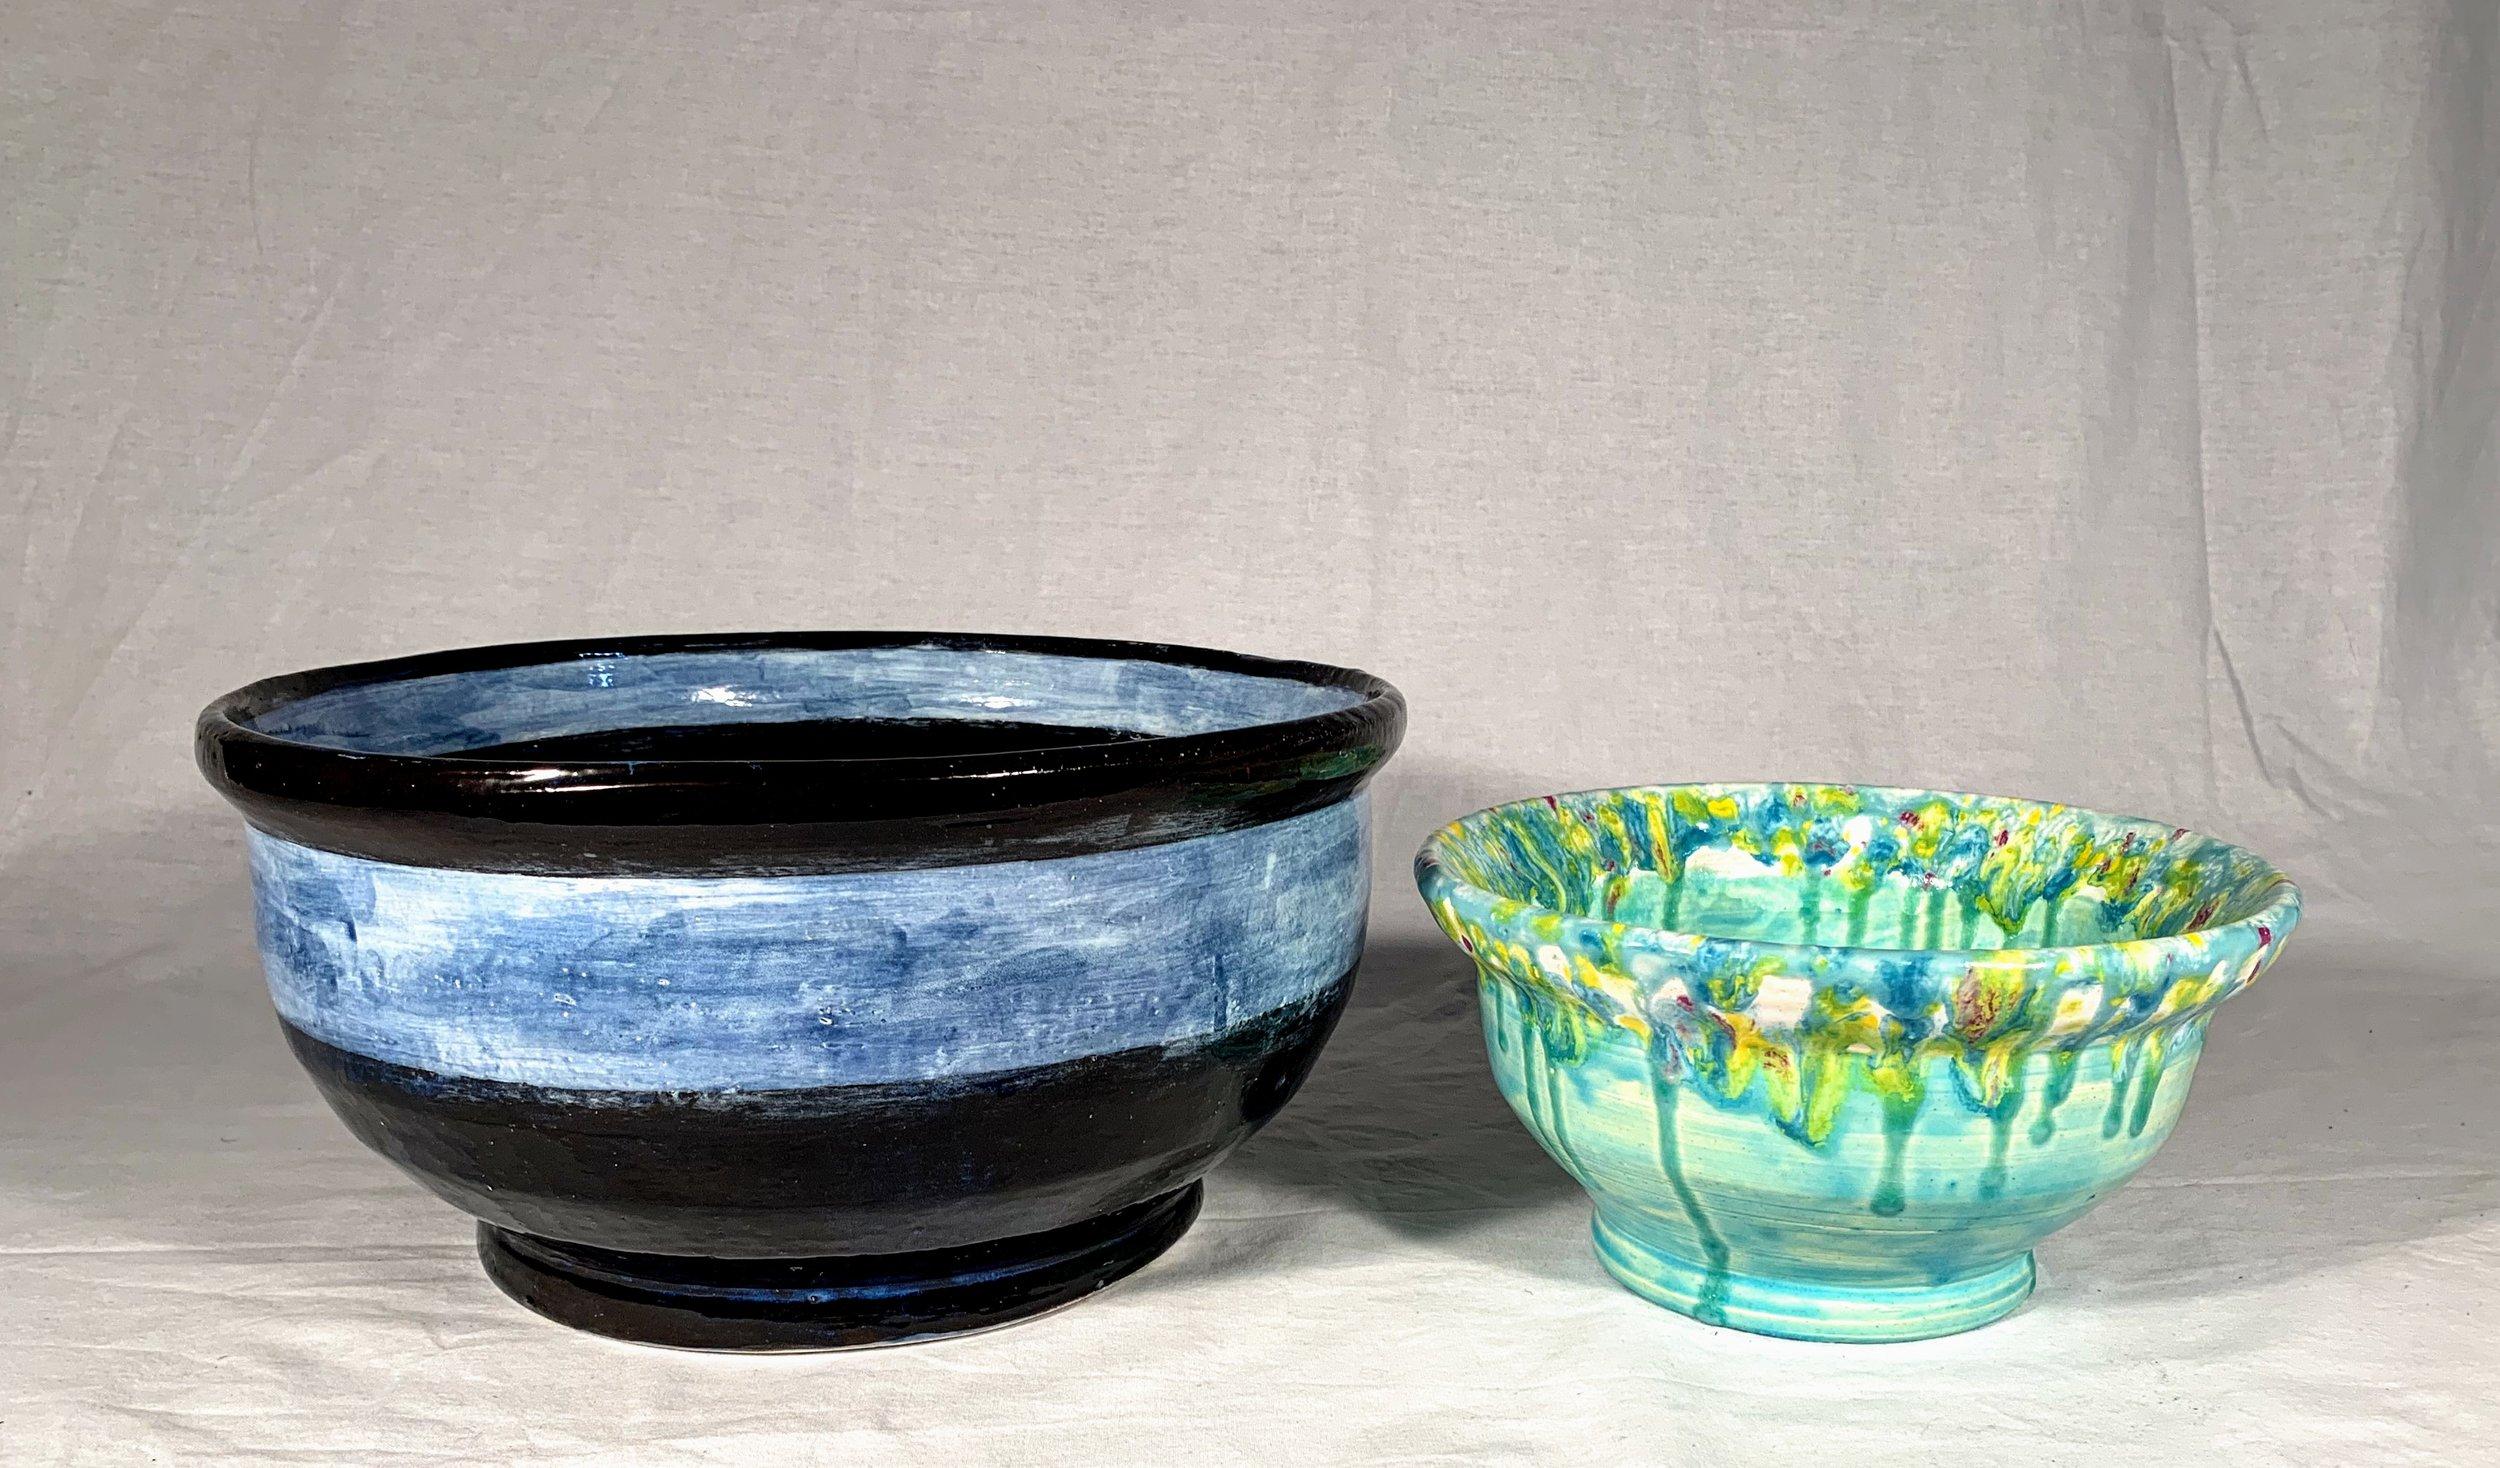 Blue Band and Teal Splatter Set of 2 Nesting Bowls